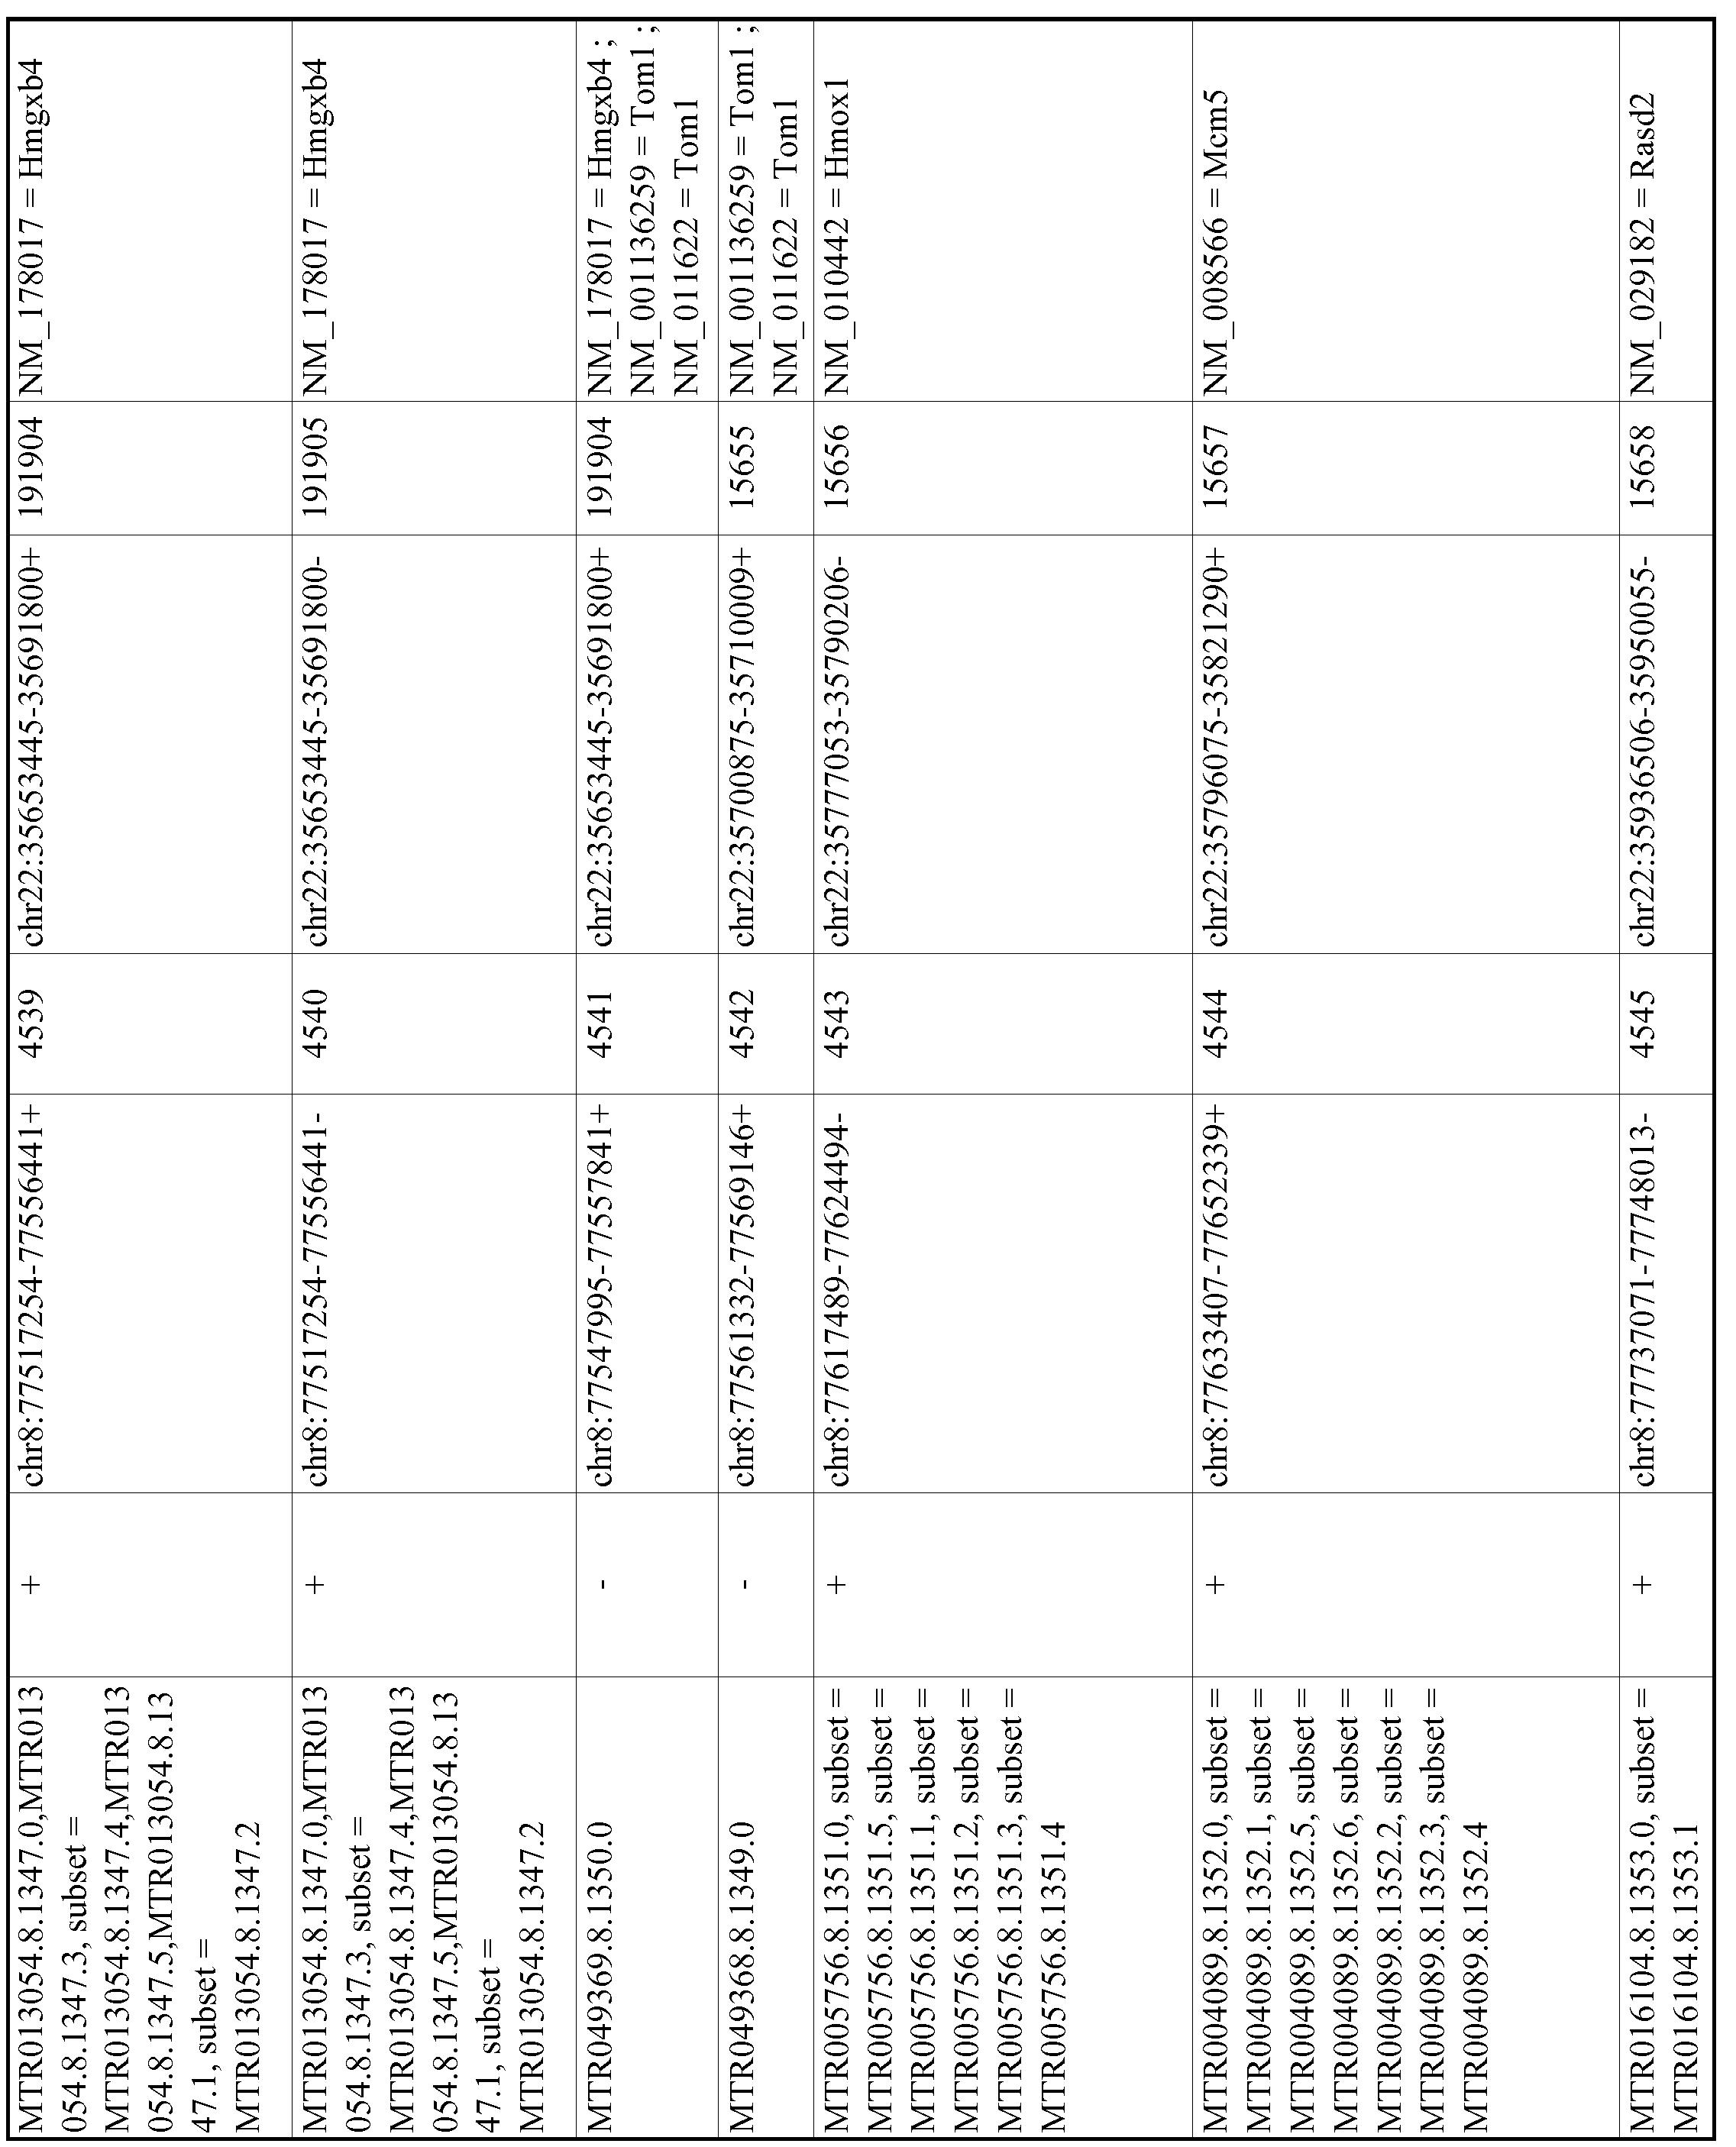 Figure imgf000844_0001